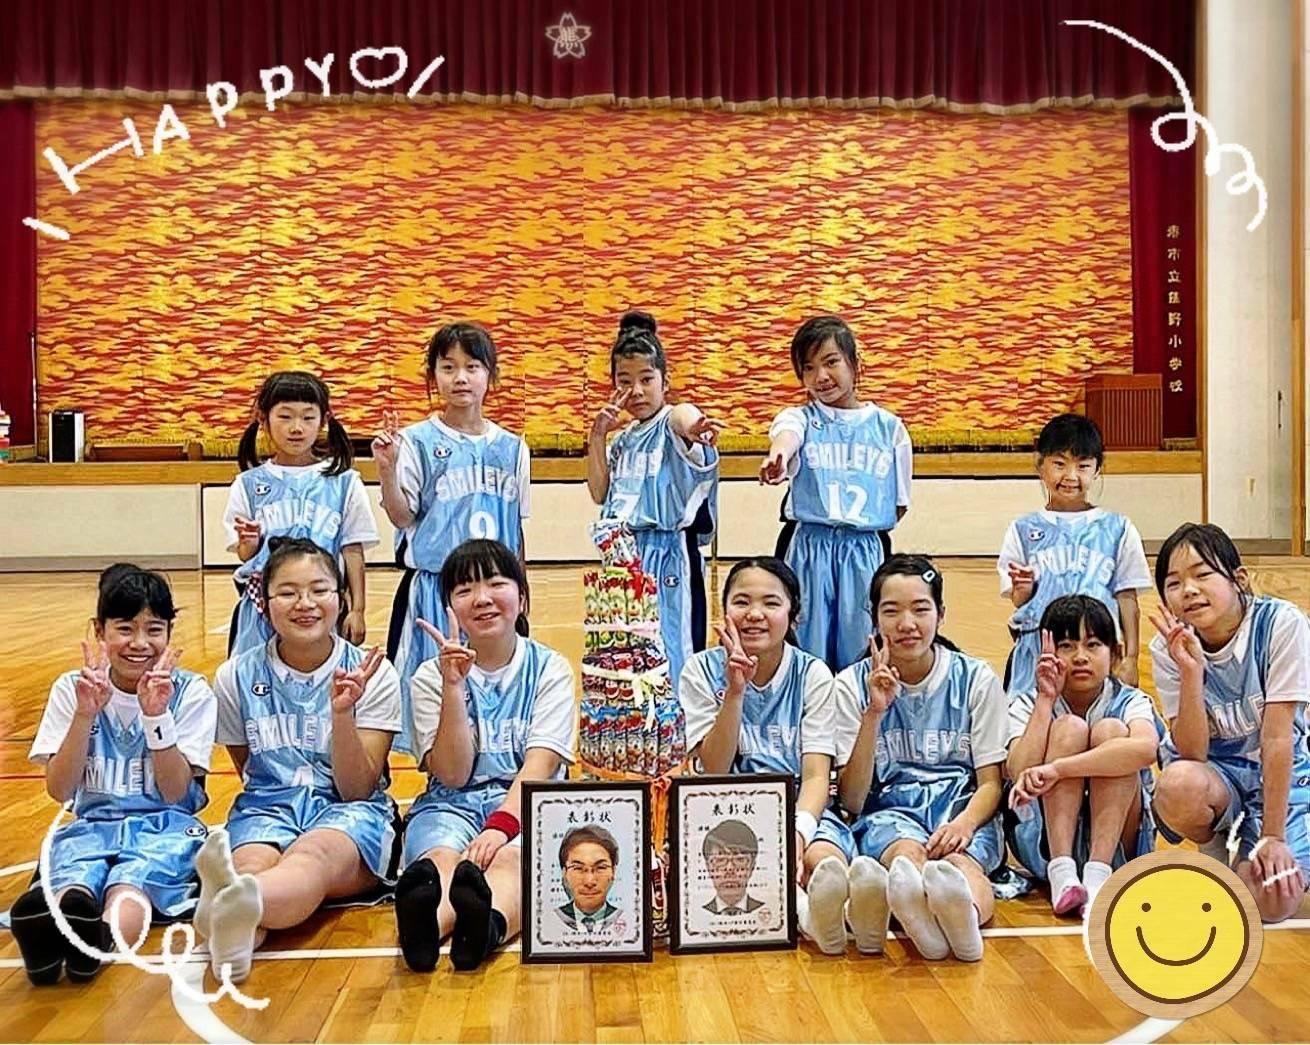 熊野smiley's